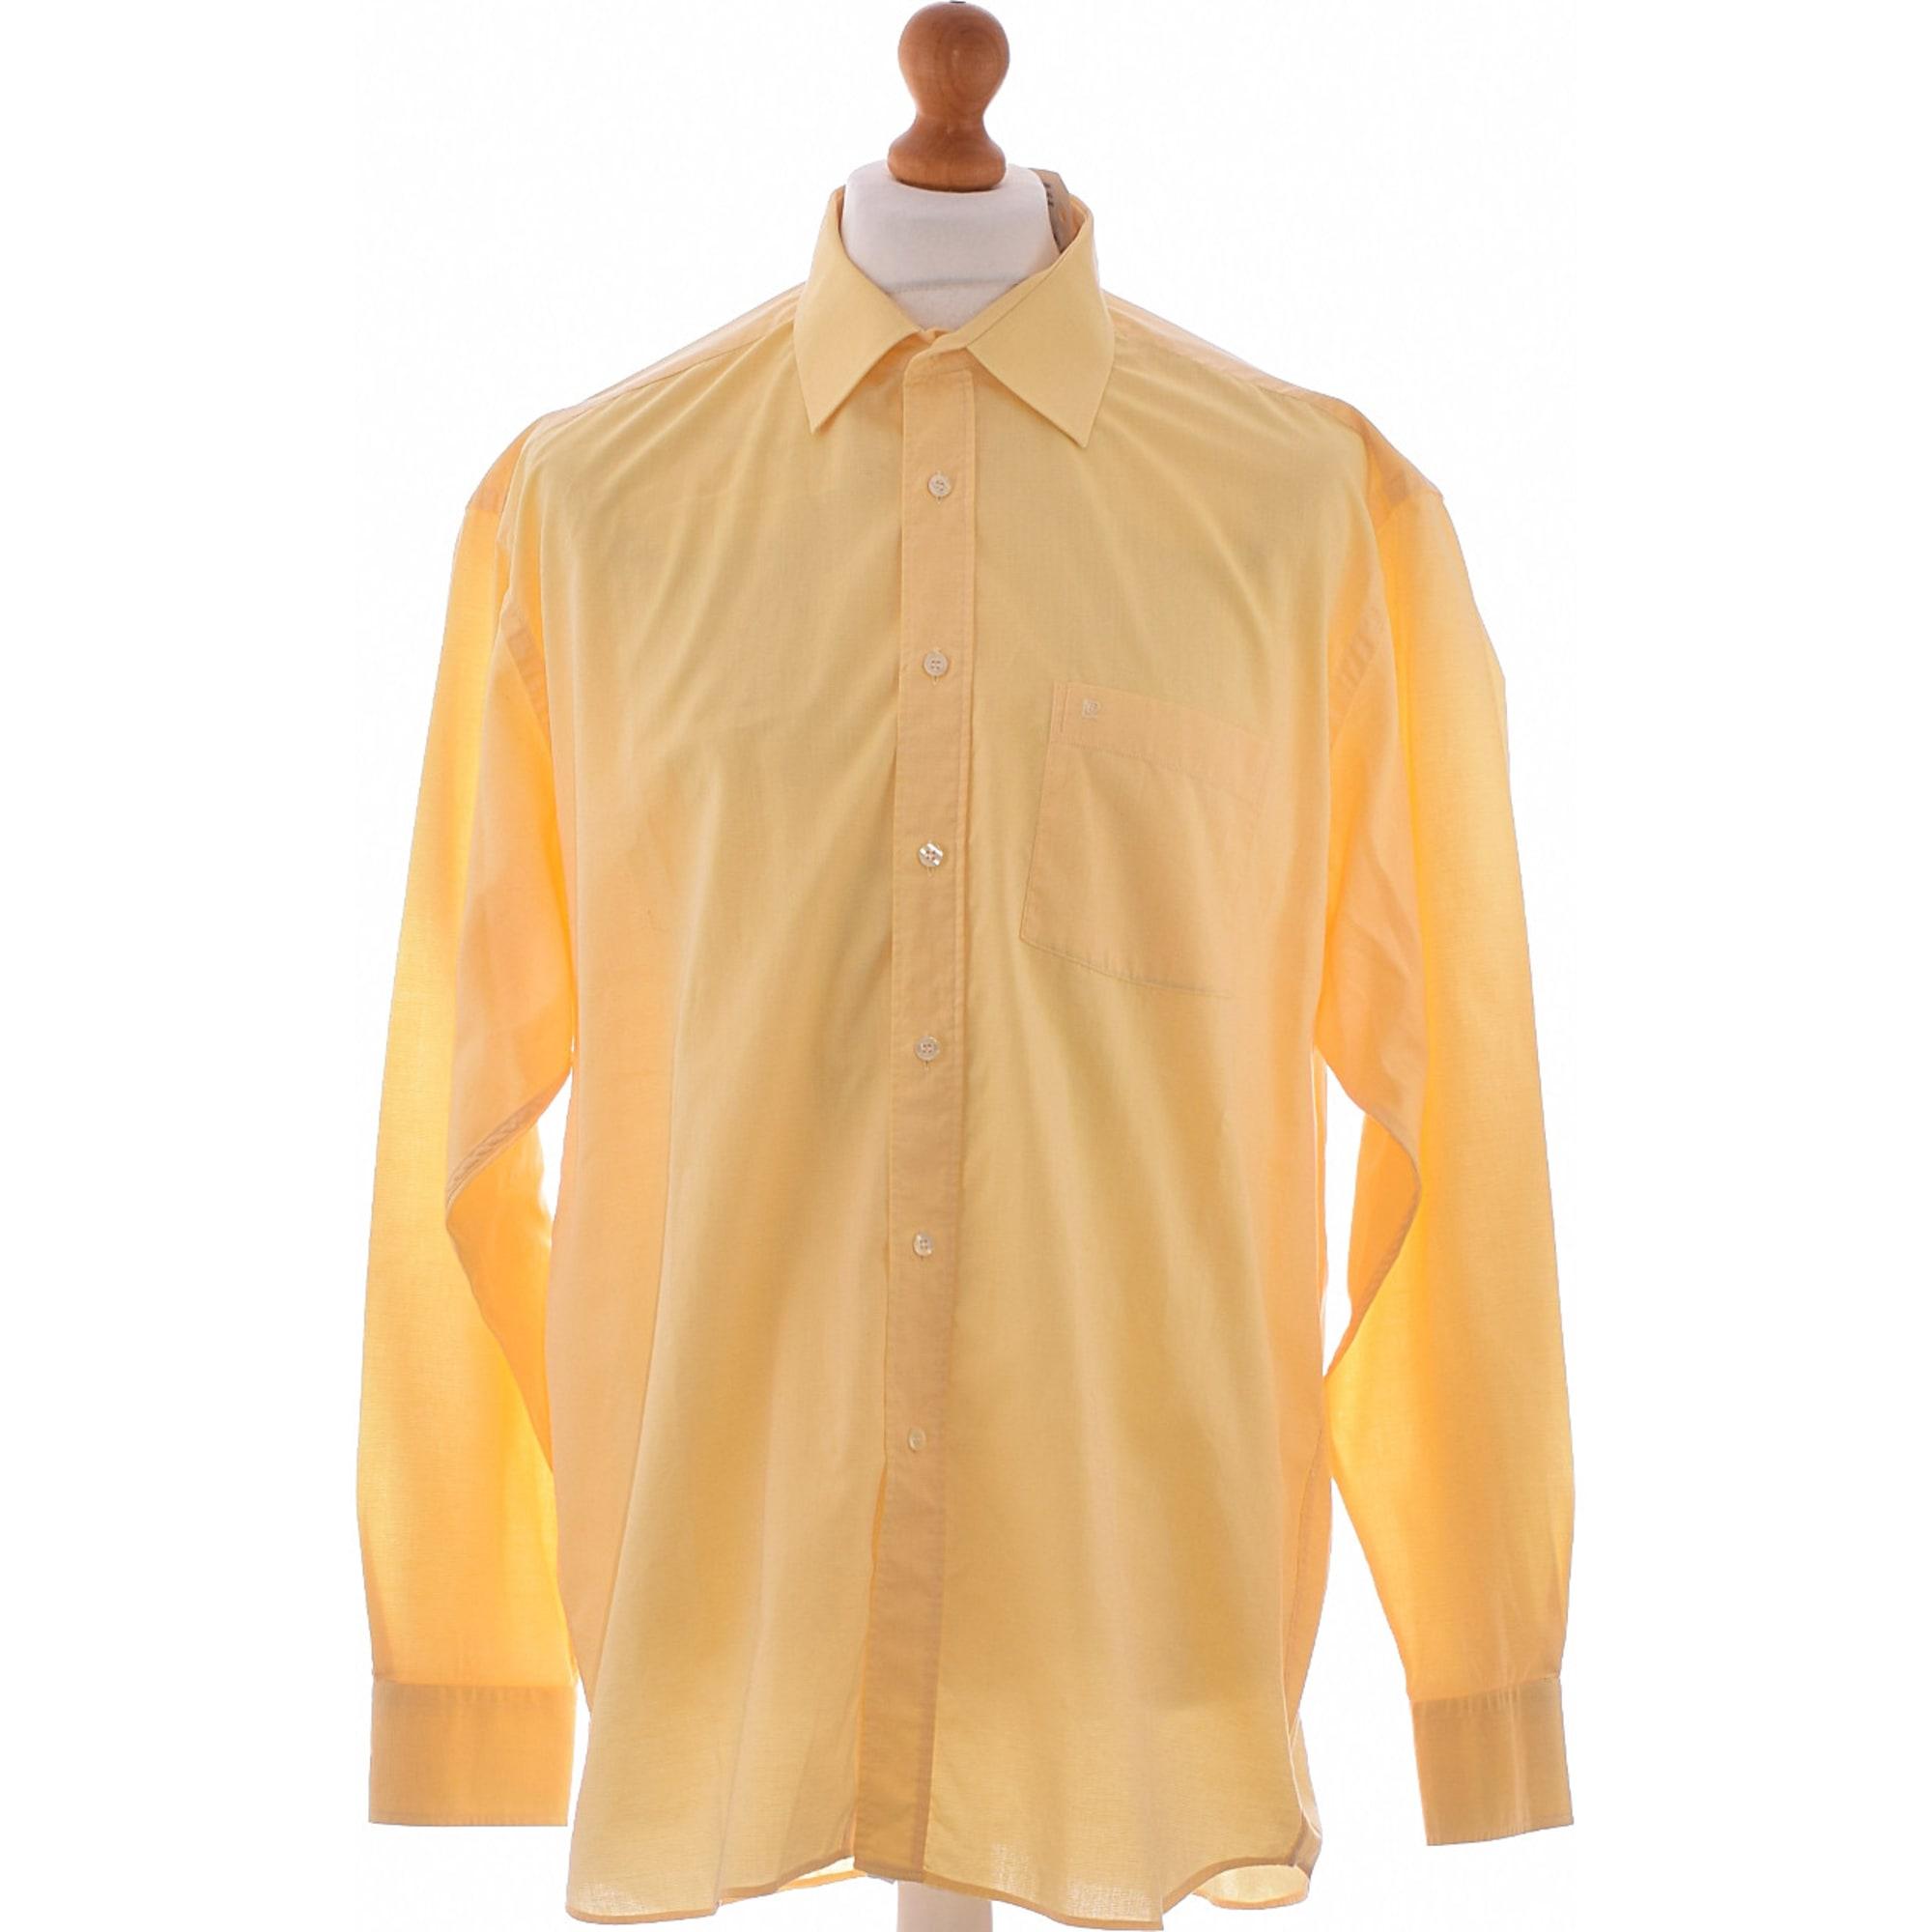 Chemise Pierre Cardin : toute la collection de Chemises